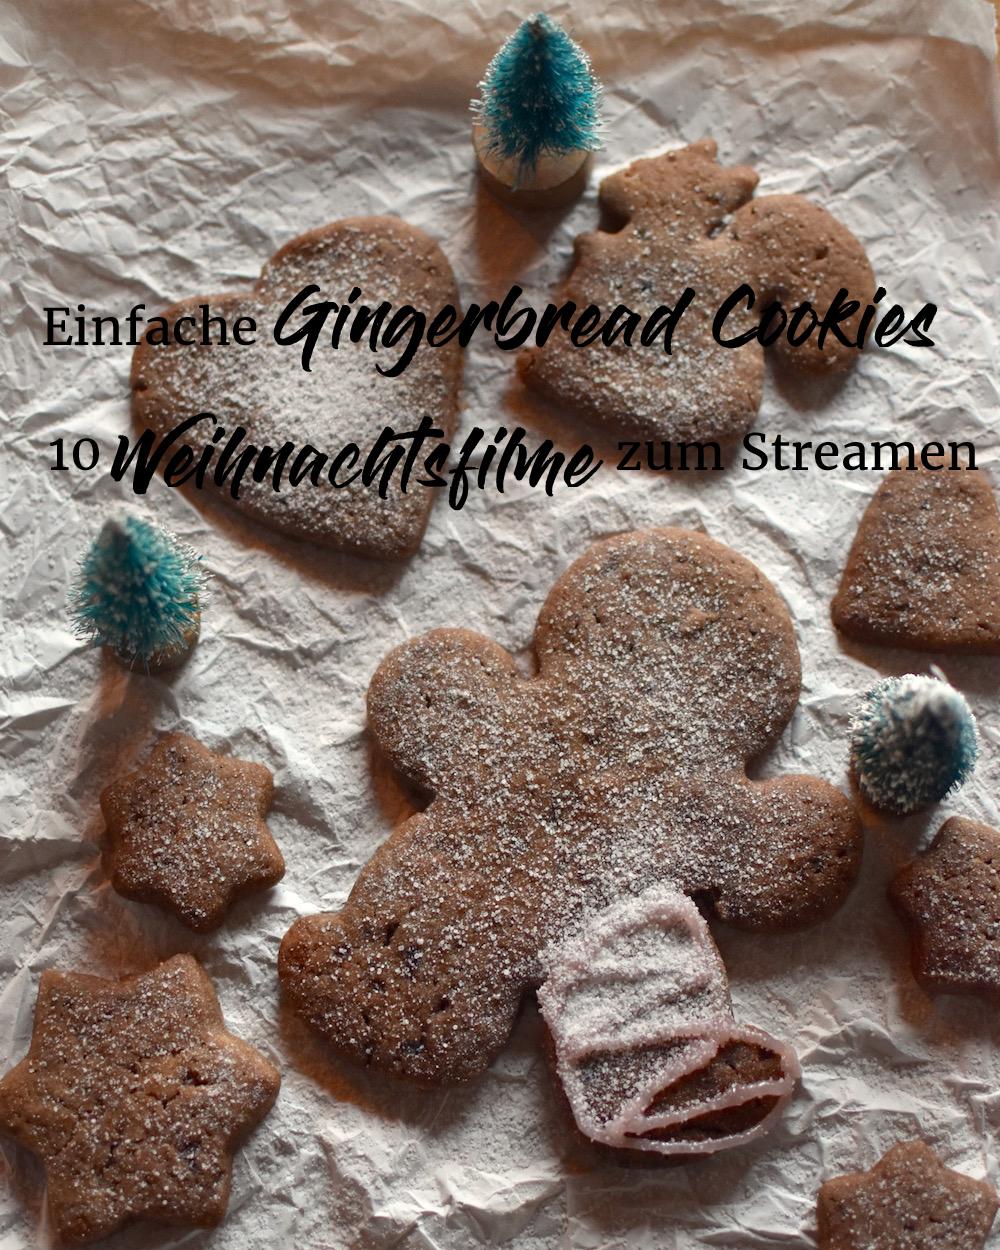 Einfache Gingerbread Cookies und 10 Weihnachtsfilme zum Streamen